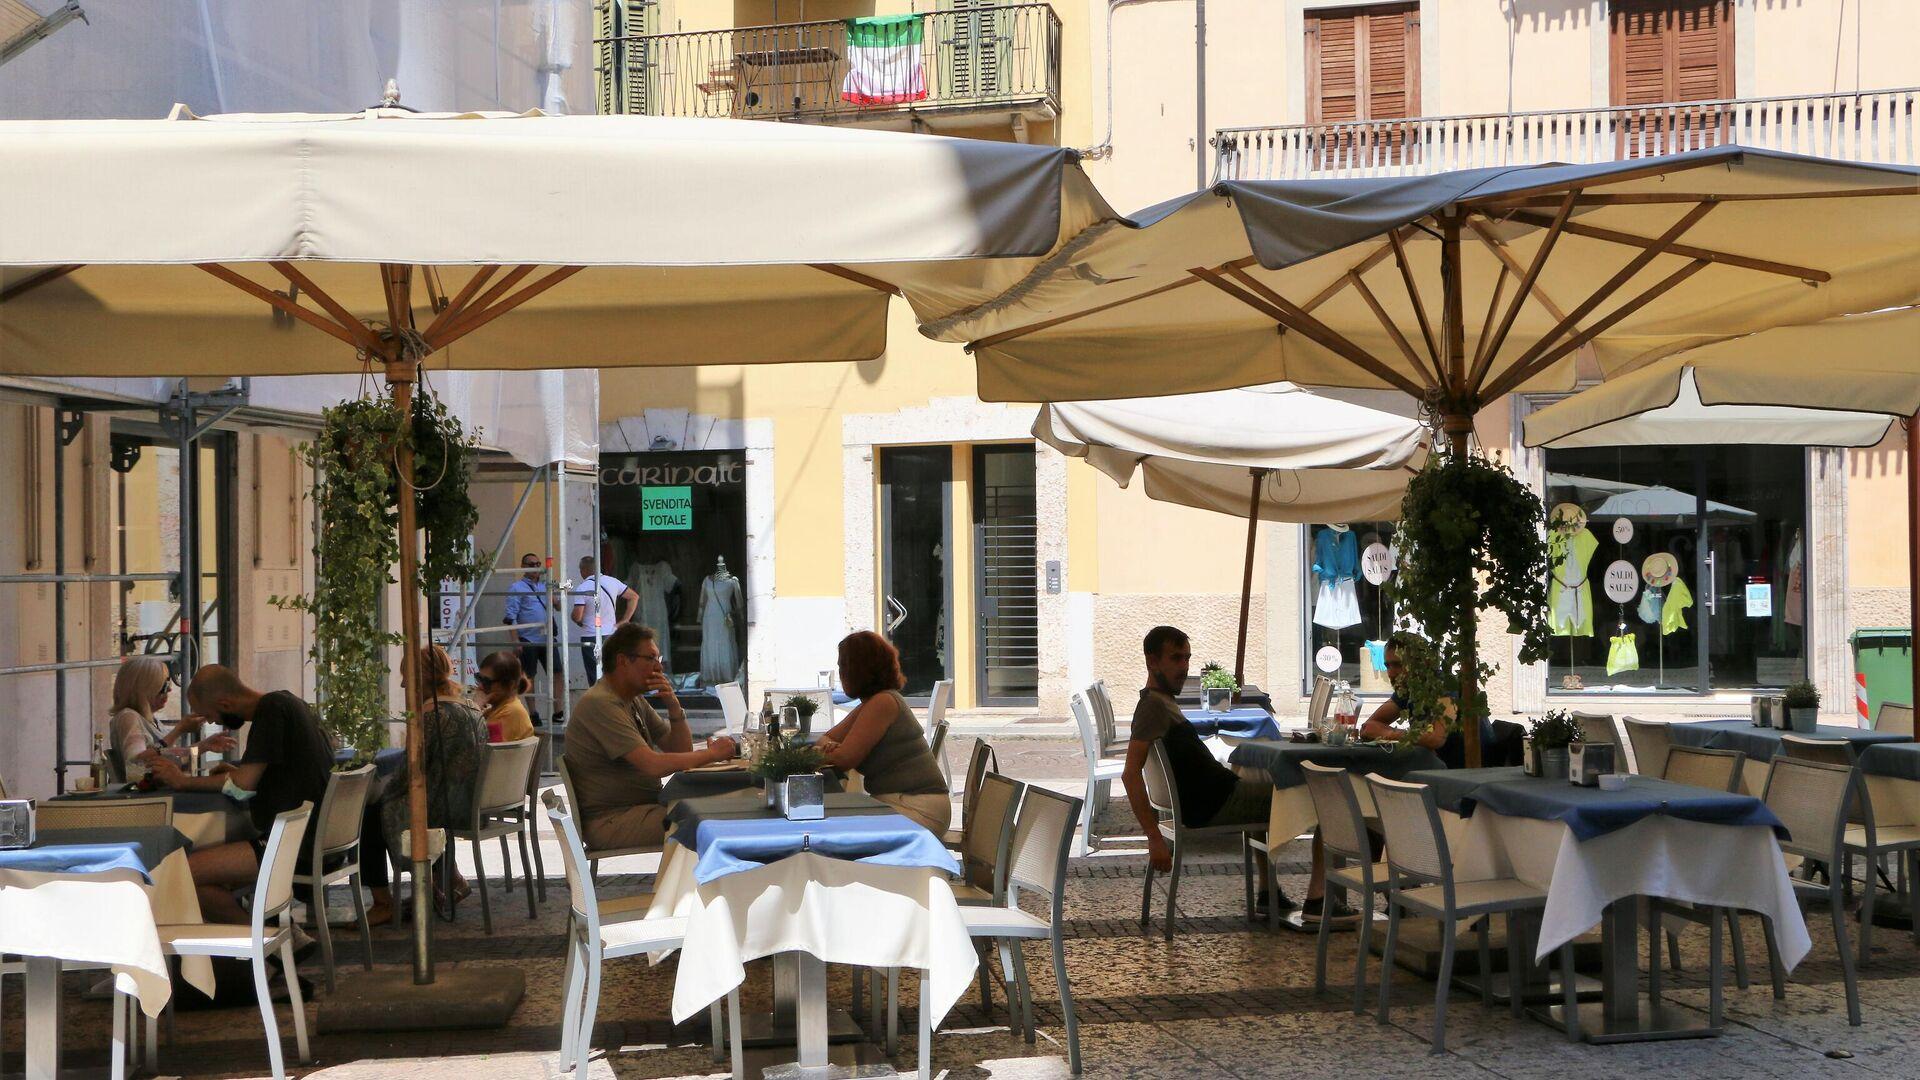 La gente mangia in un ristorante - Sputnik Italia, 1920, 05.08.2021